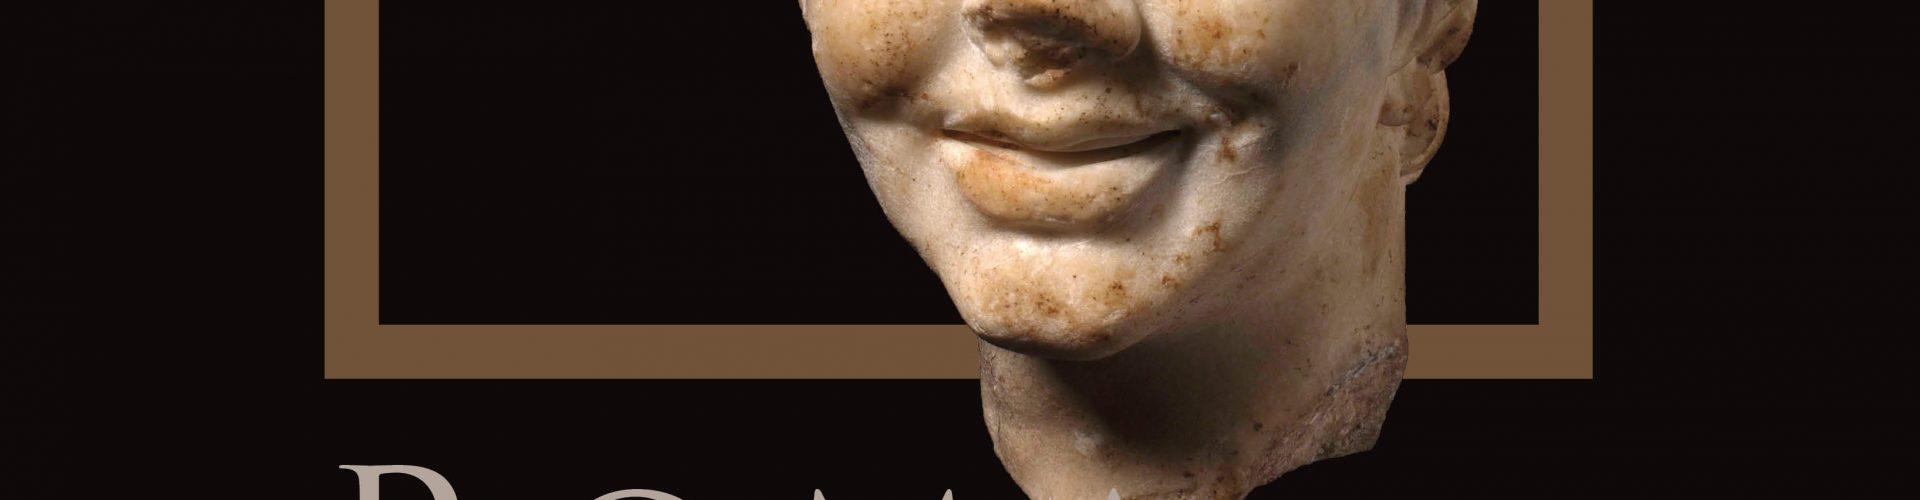 Remek-dela rimskog vajarstva u Novom Sadu od 1. jula – izlozba VECNI RIM